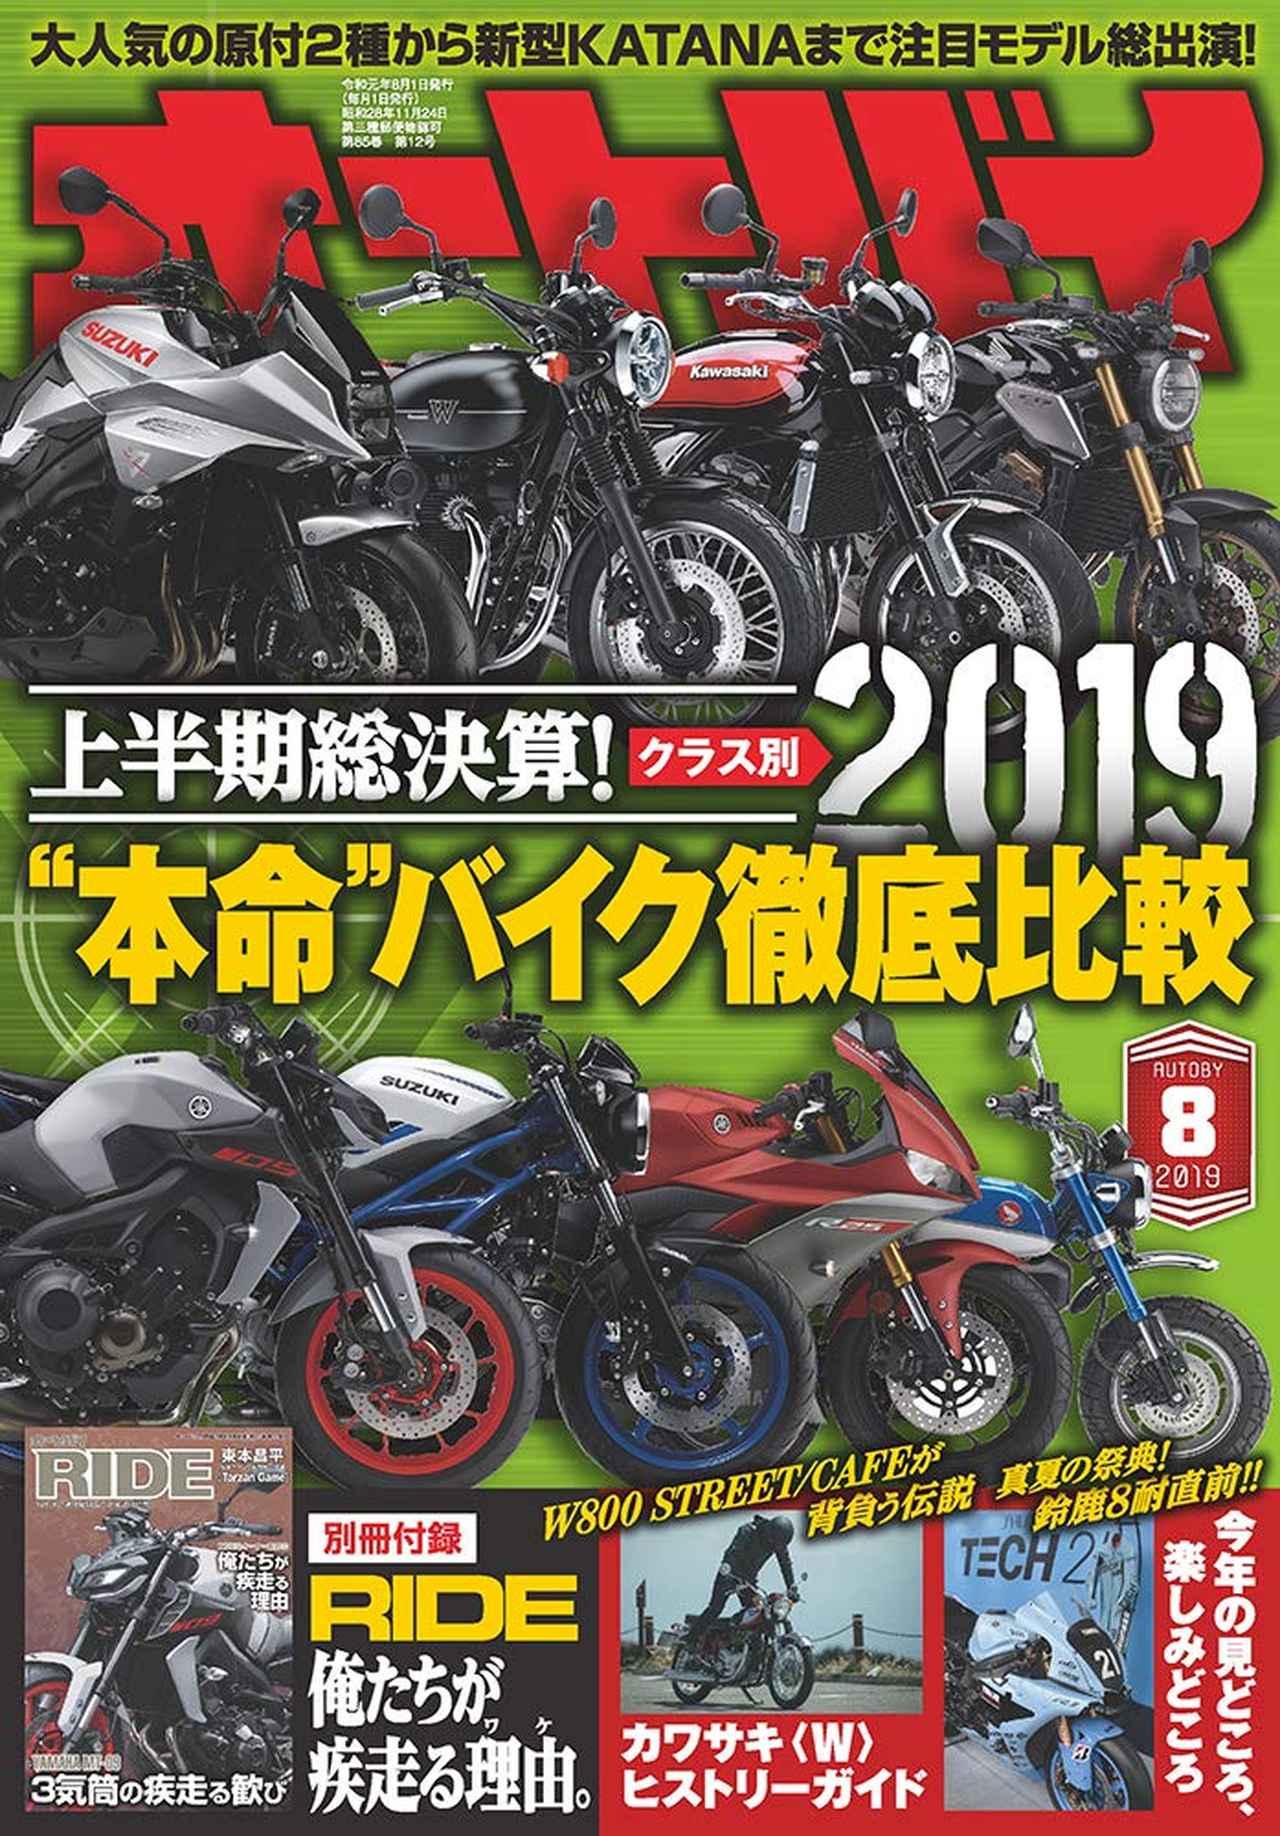 画像1: 排気量帯別ライバル対決!『オートバイ』8月号は好評発売中です! 比較試乗インプレをお見逃しなく!